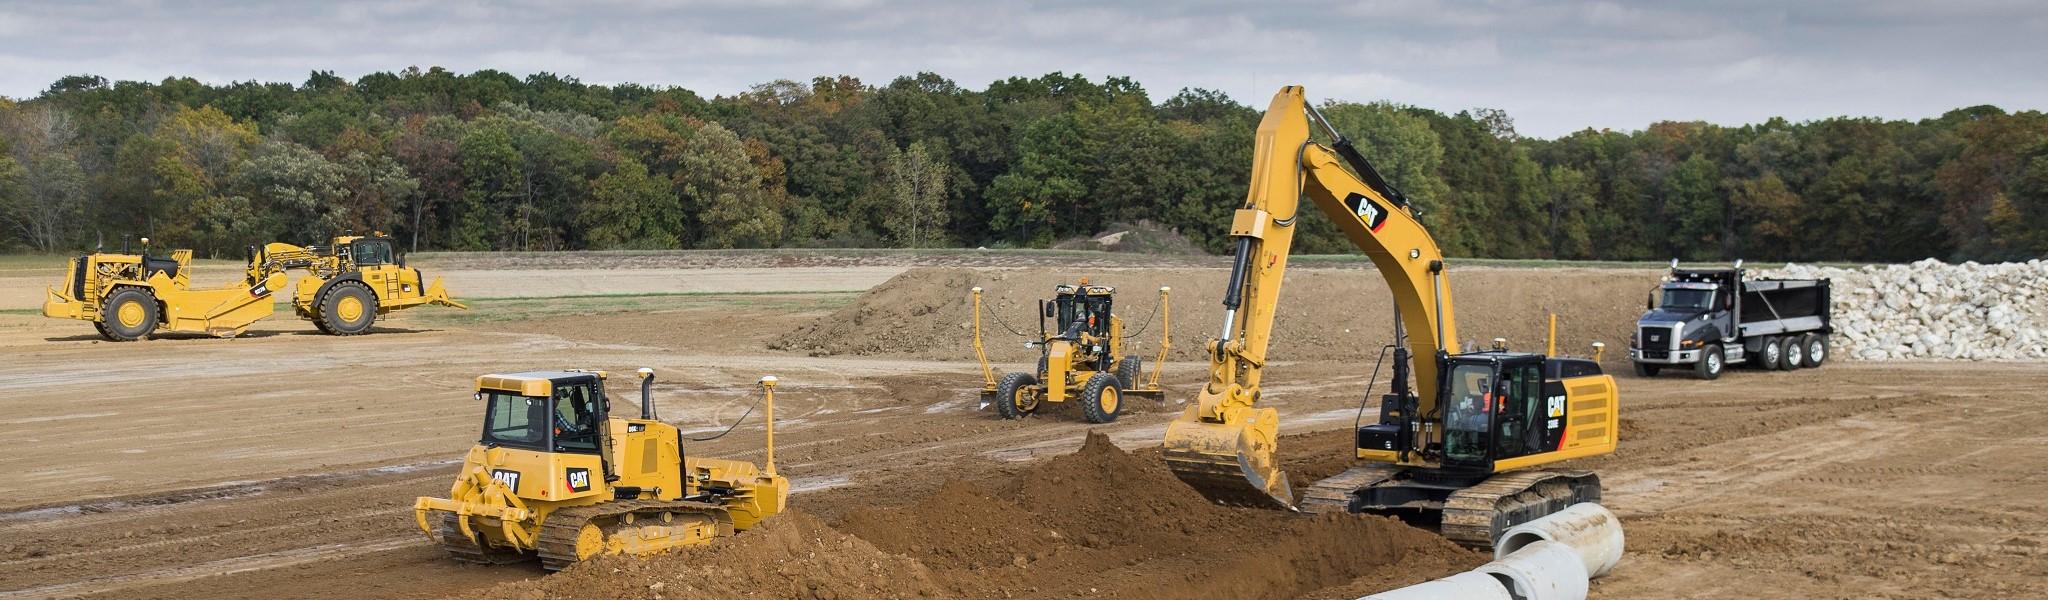 Máy công trình & khai mỏ